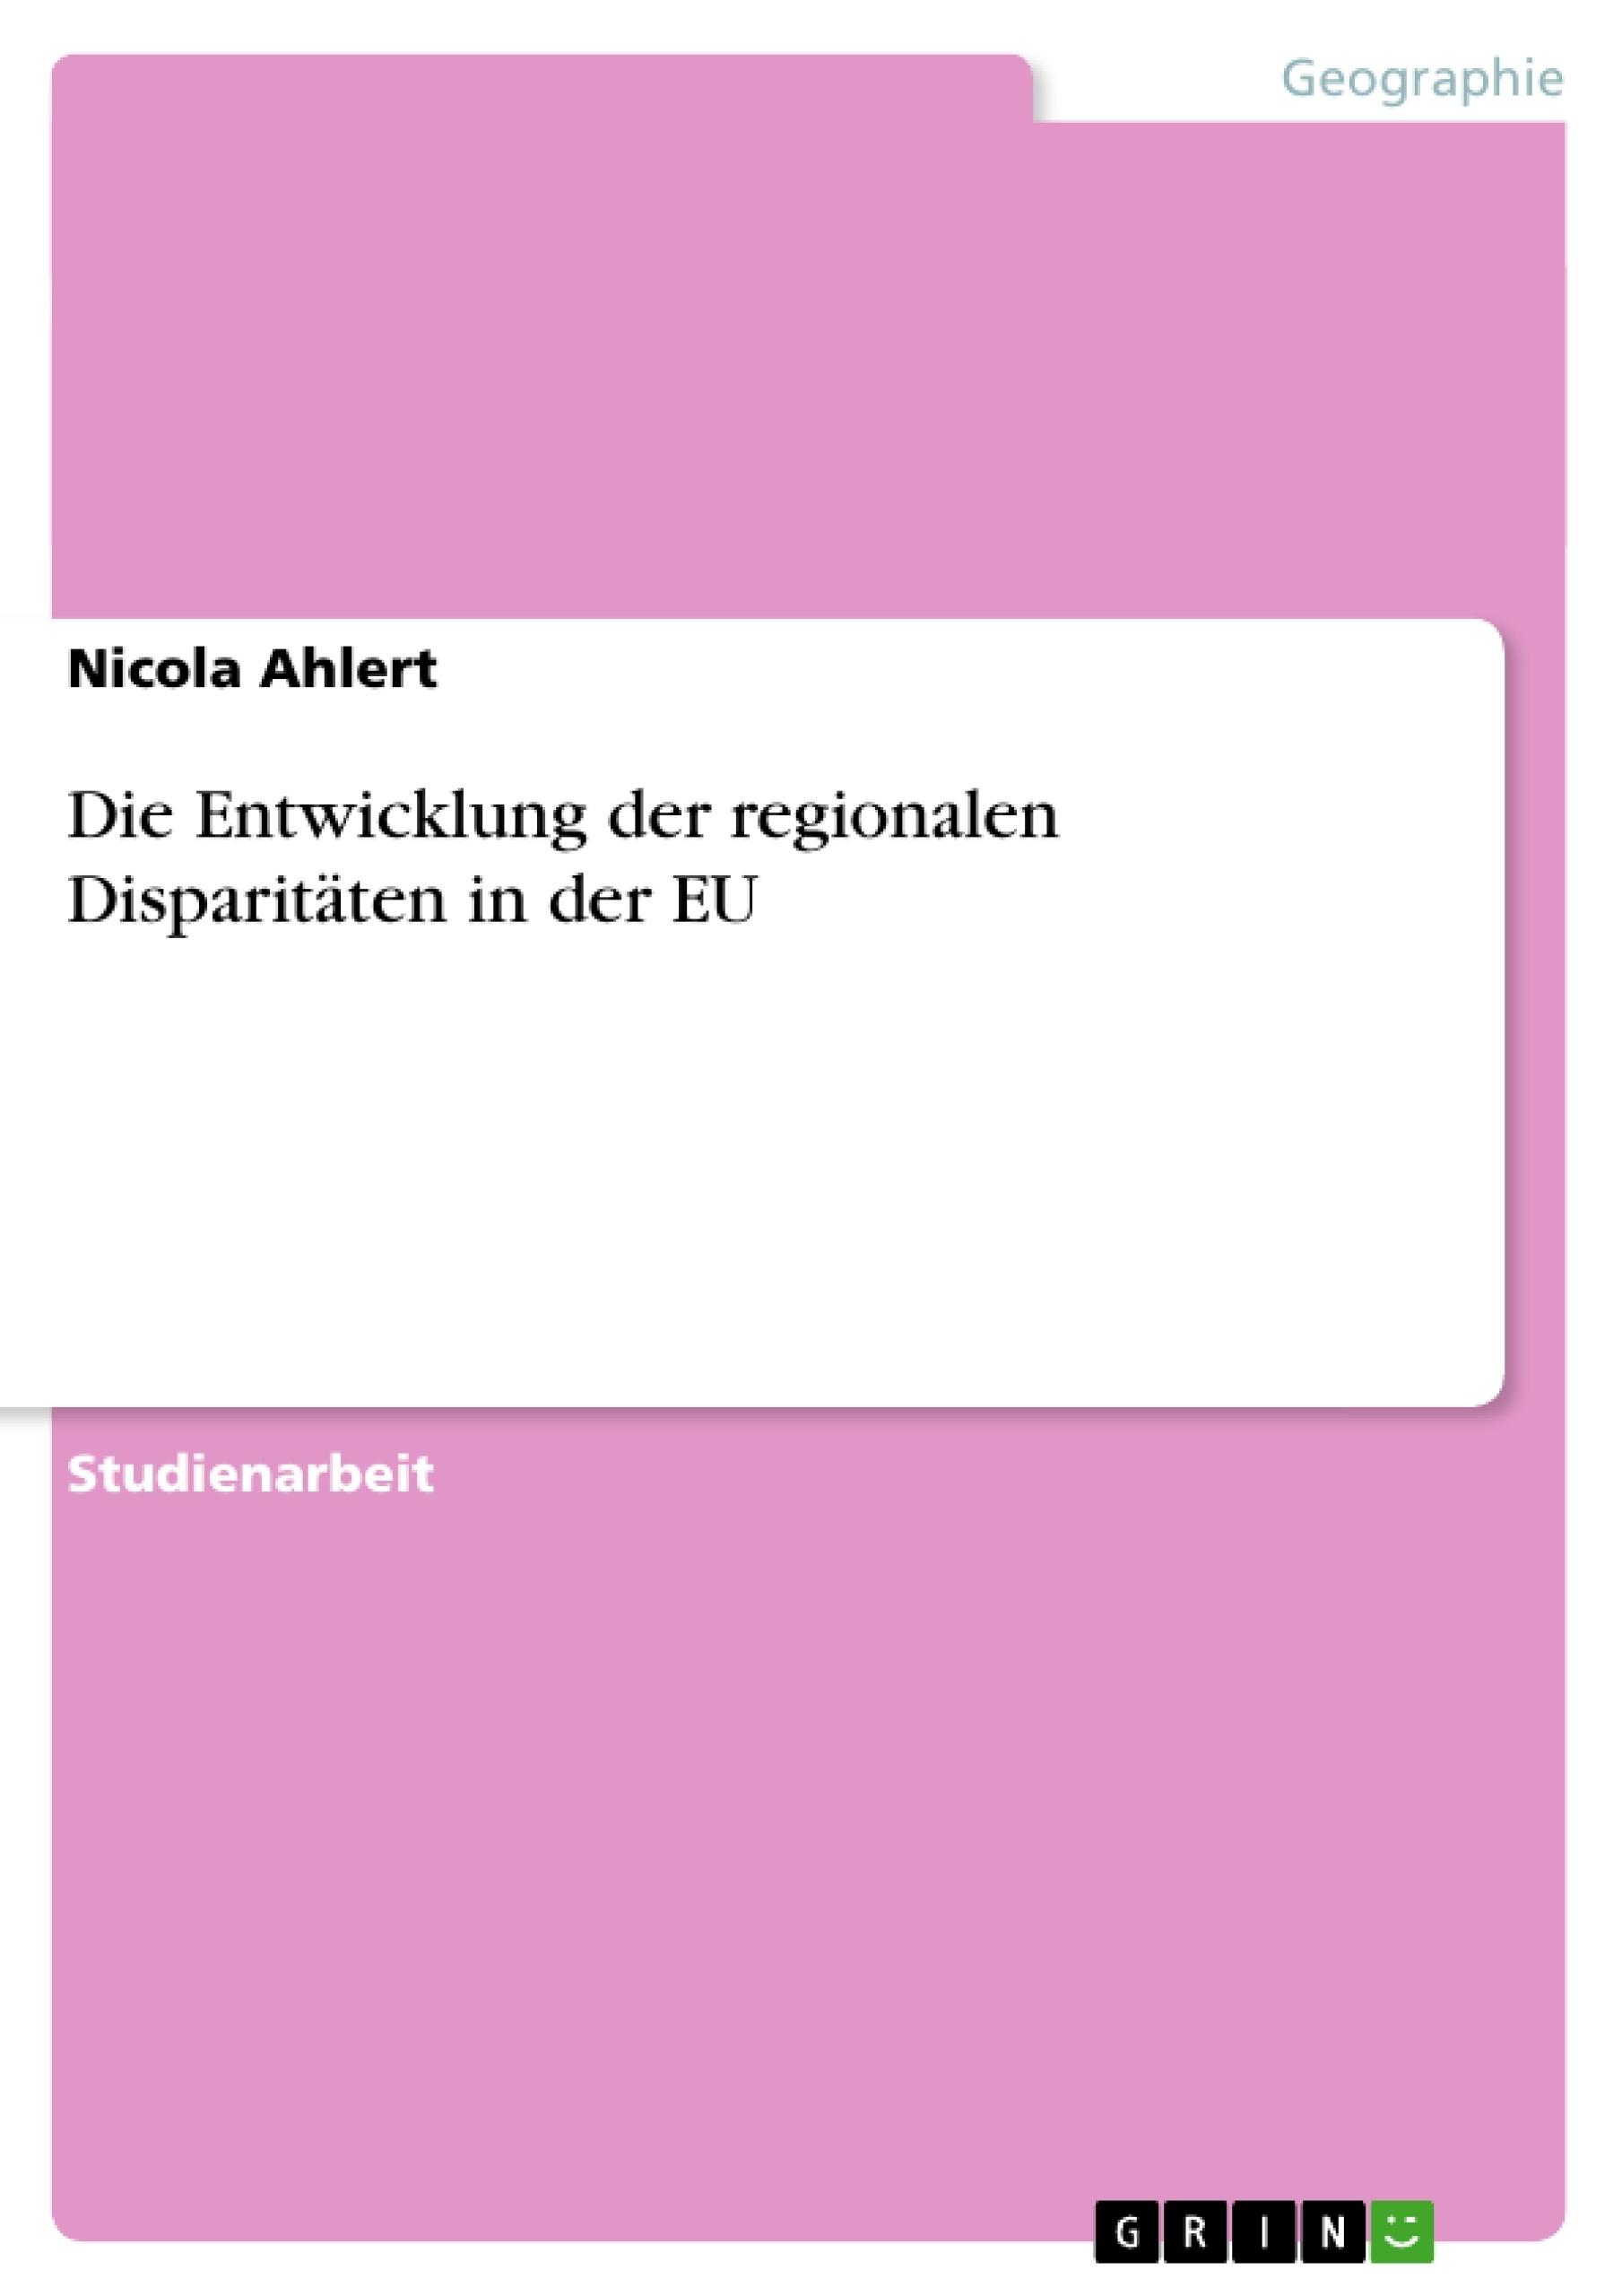 Titel: Die Entwicklung der regionalen Disparitäten in der EU